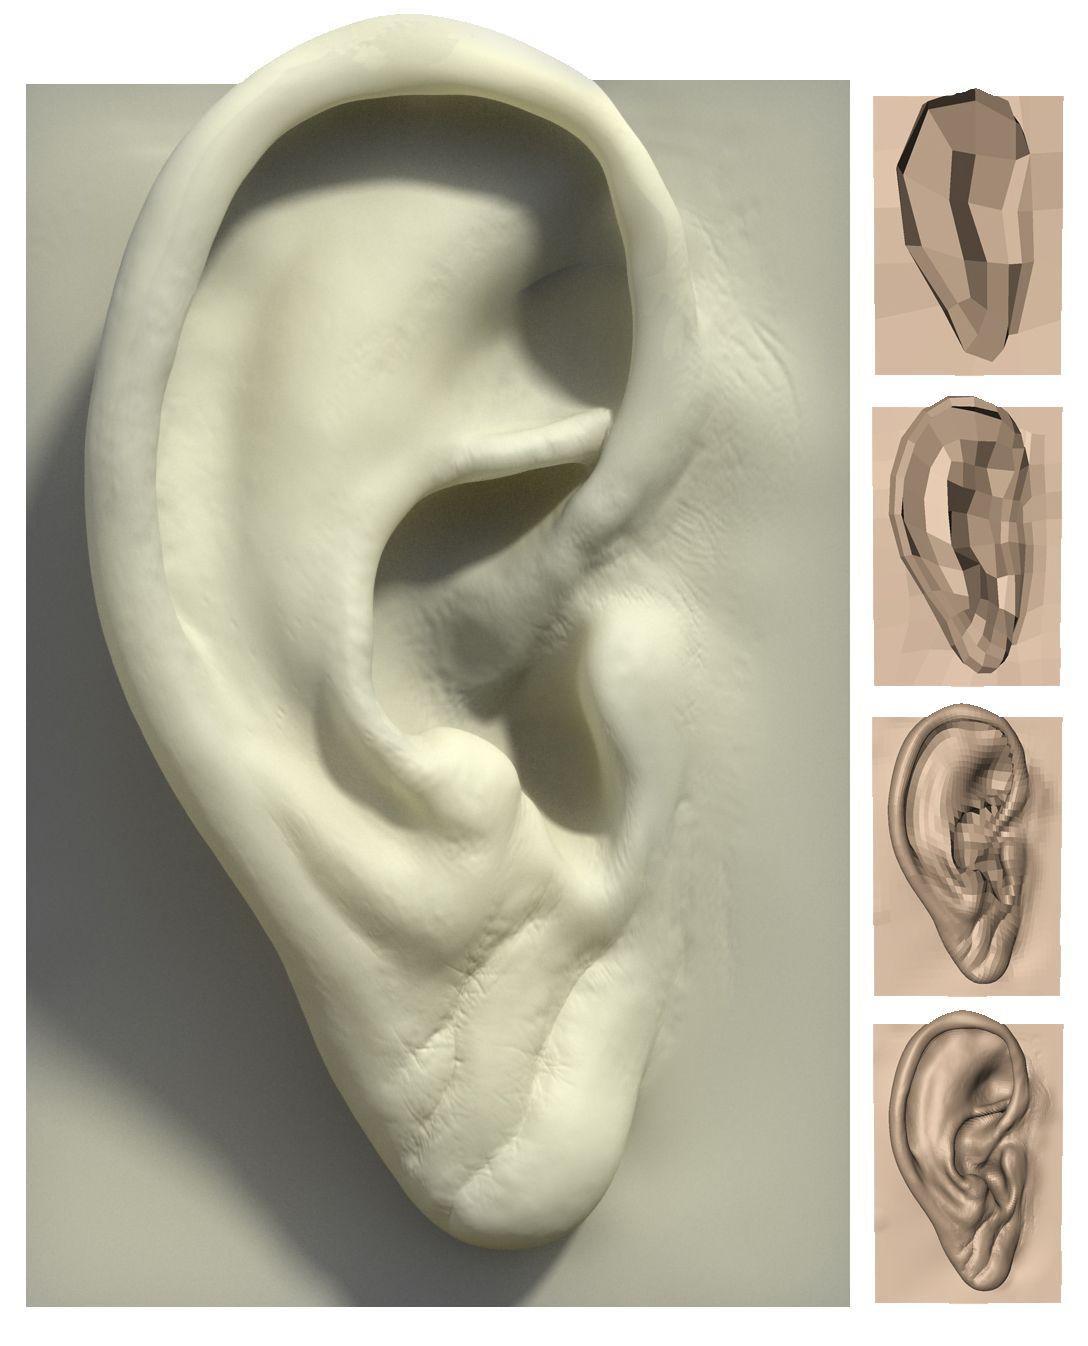 la oreja | cabezas | Pinterest | External ear anatomy, Ear anatomy ...